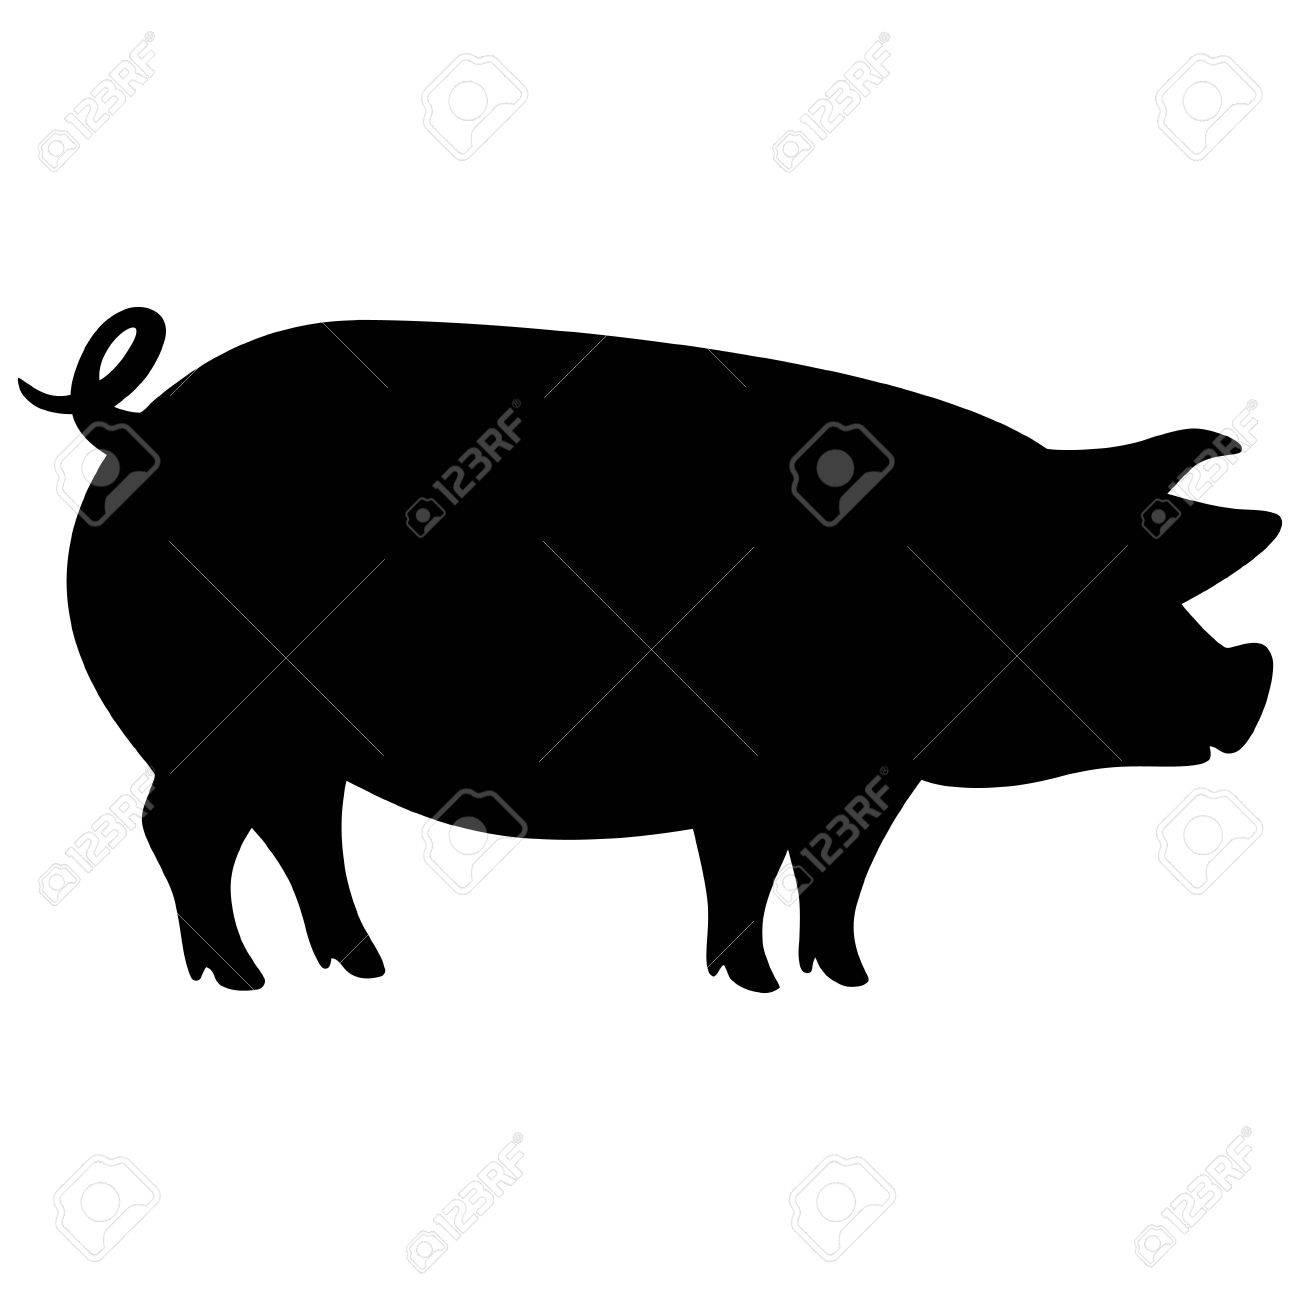 豚のシルエットのイラスト素材ベクタ Image 61509551